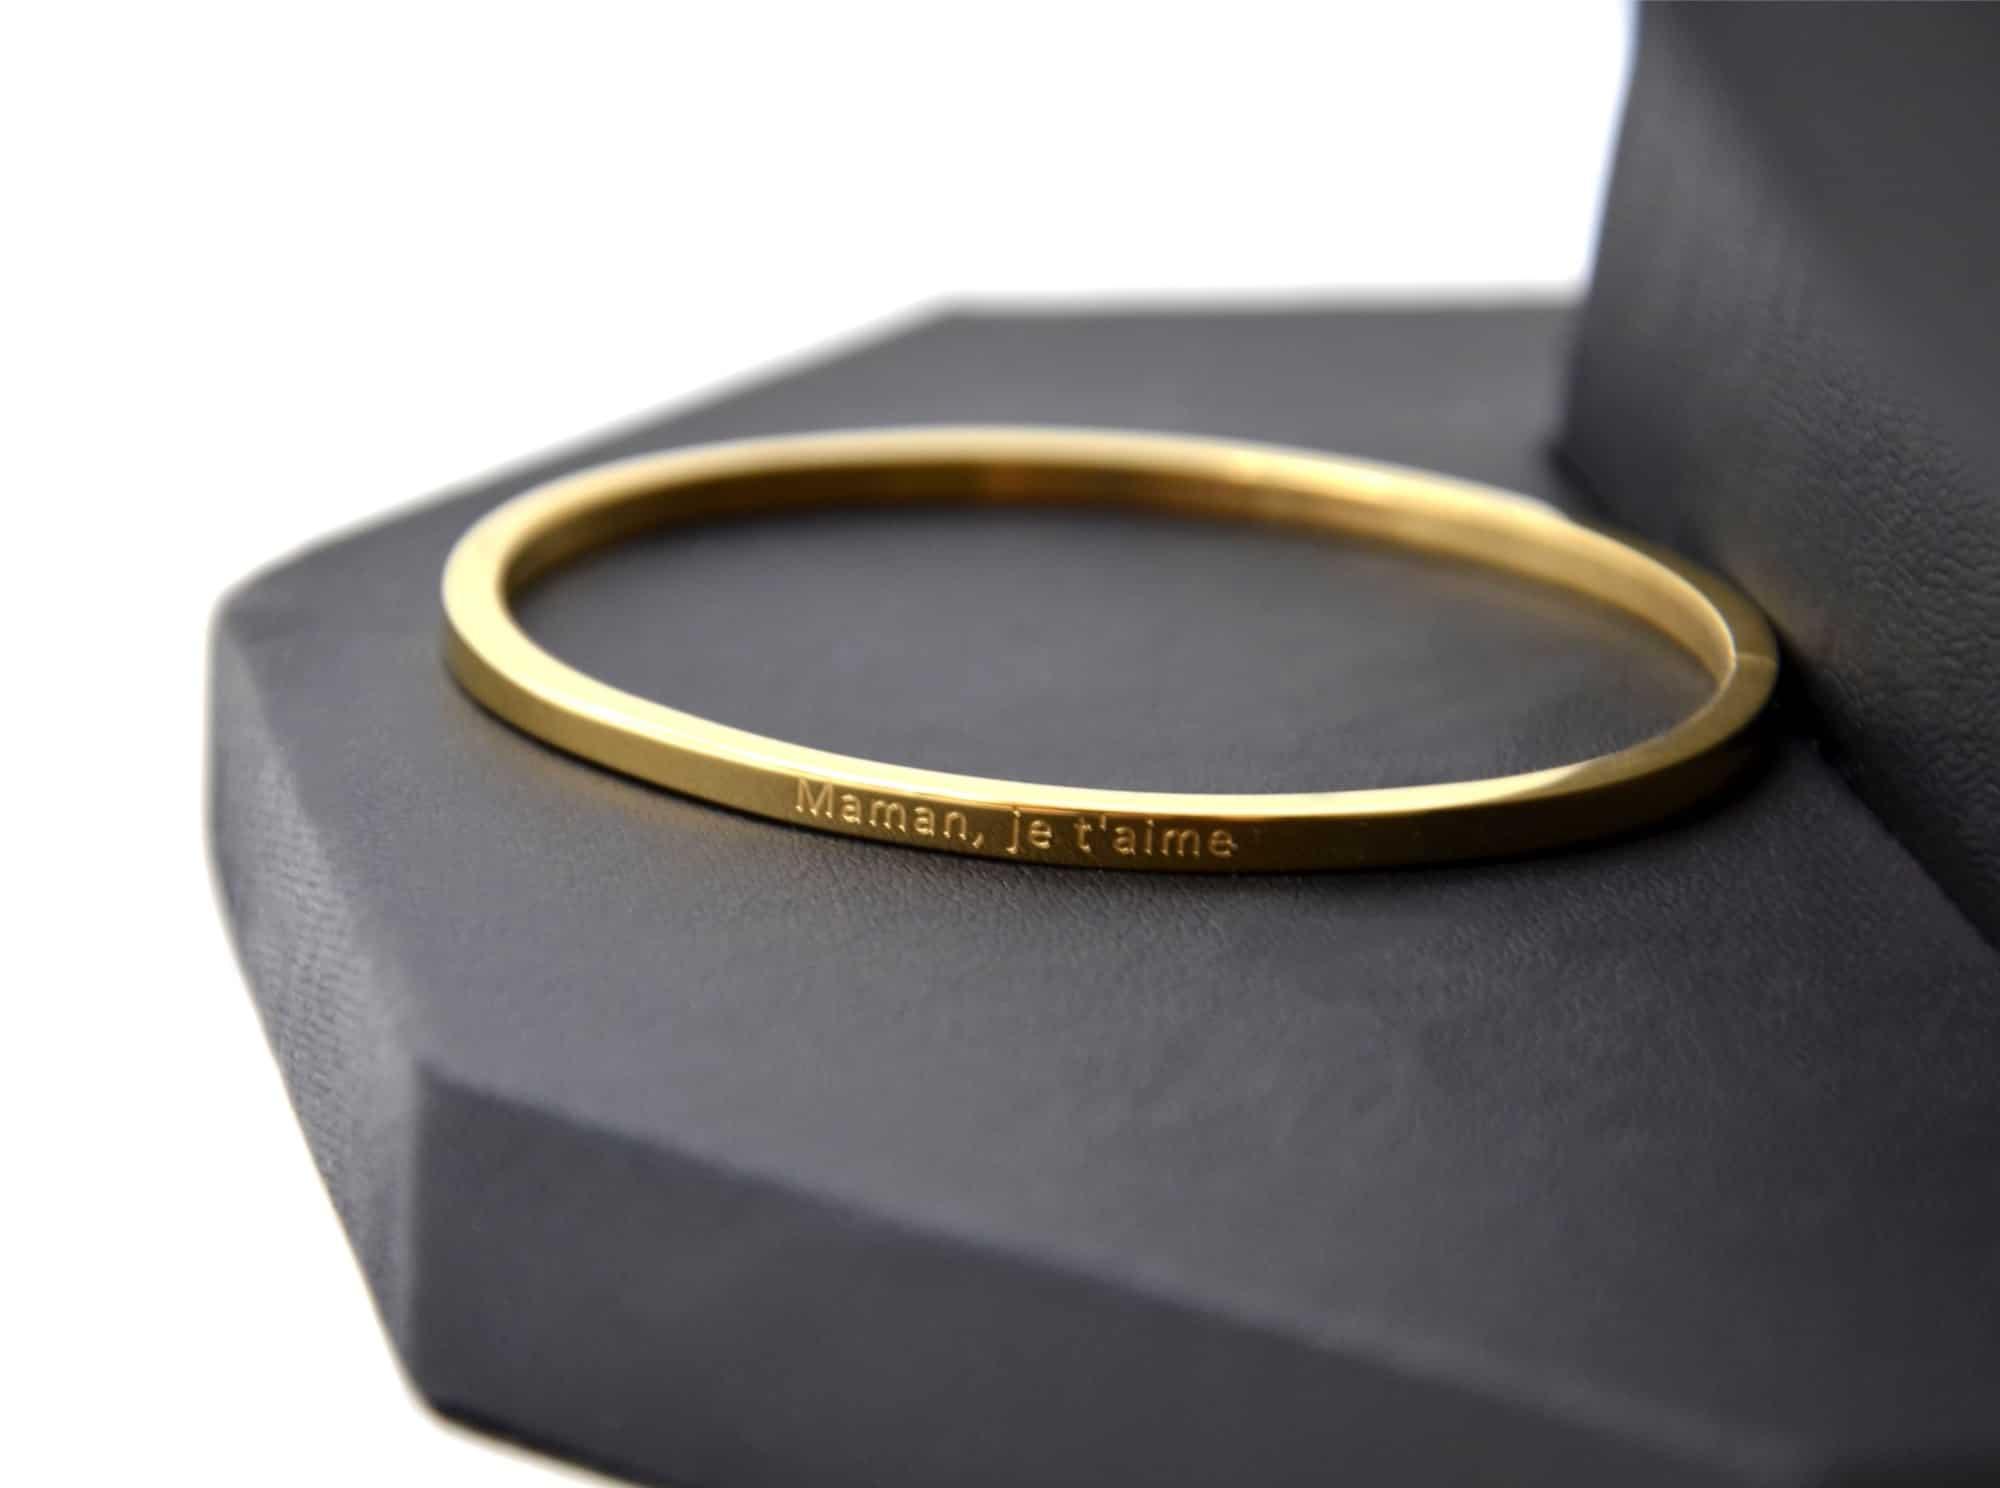 remise chaude le rapport qualité prix prix plancher BC2470F - Bracelet Jonc Fin Acier Doré avec Message Maman, je t'aime